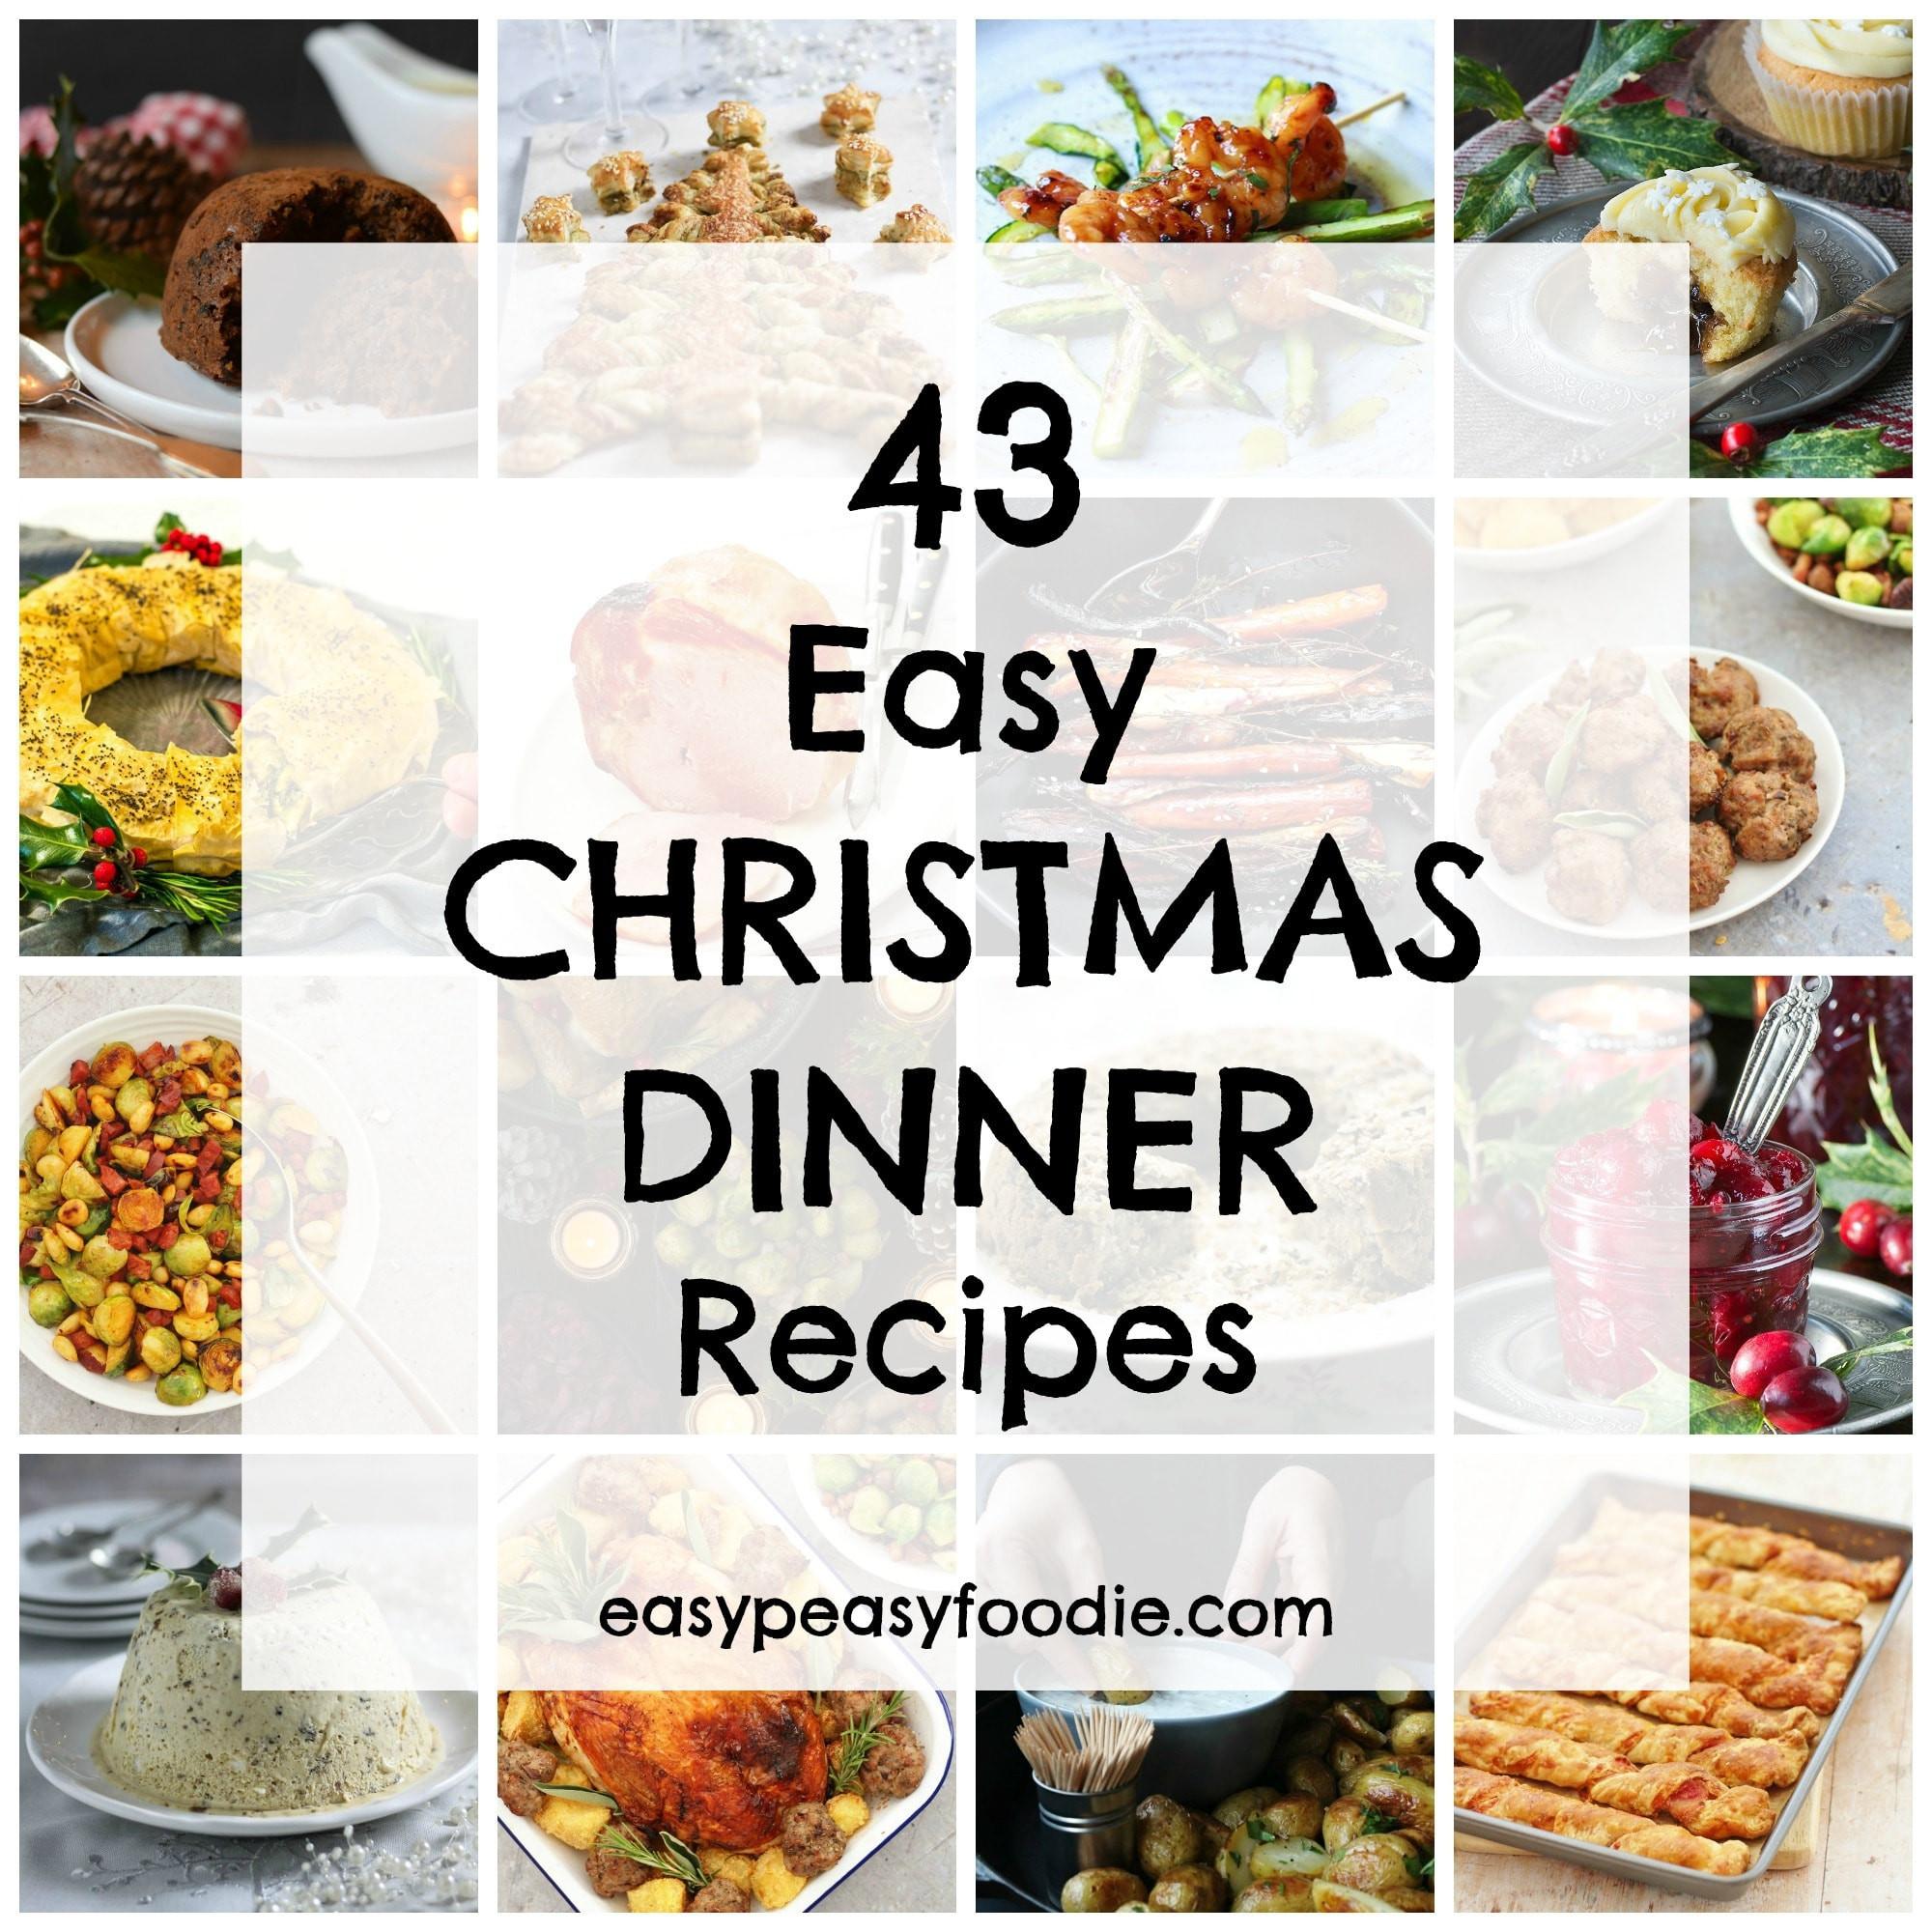 Easy Christmas Dinner  43 Easy Christmas Dinner Recipes Easy Peasy Foo